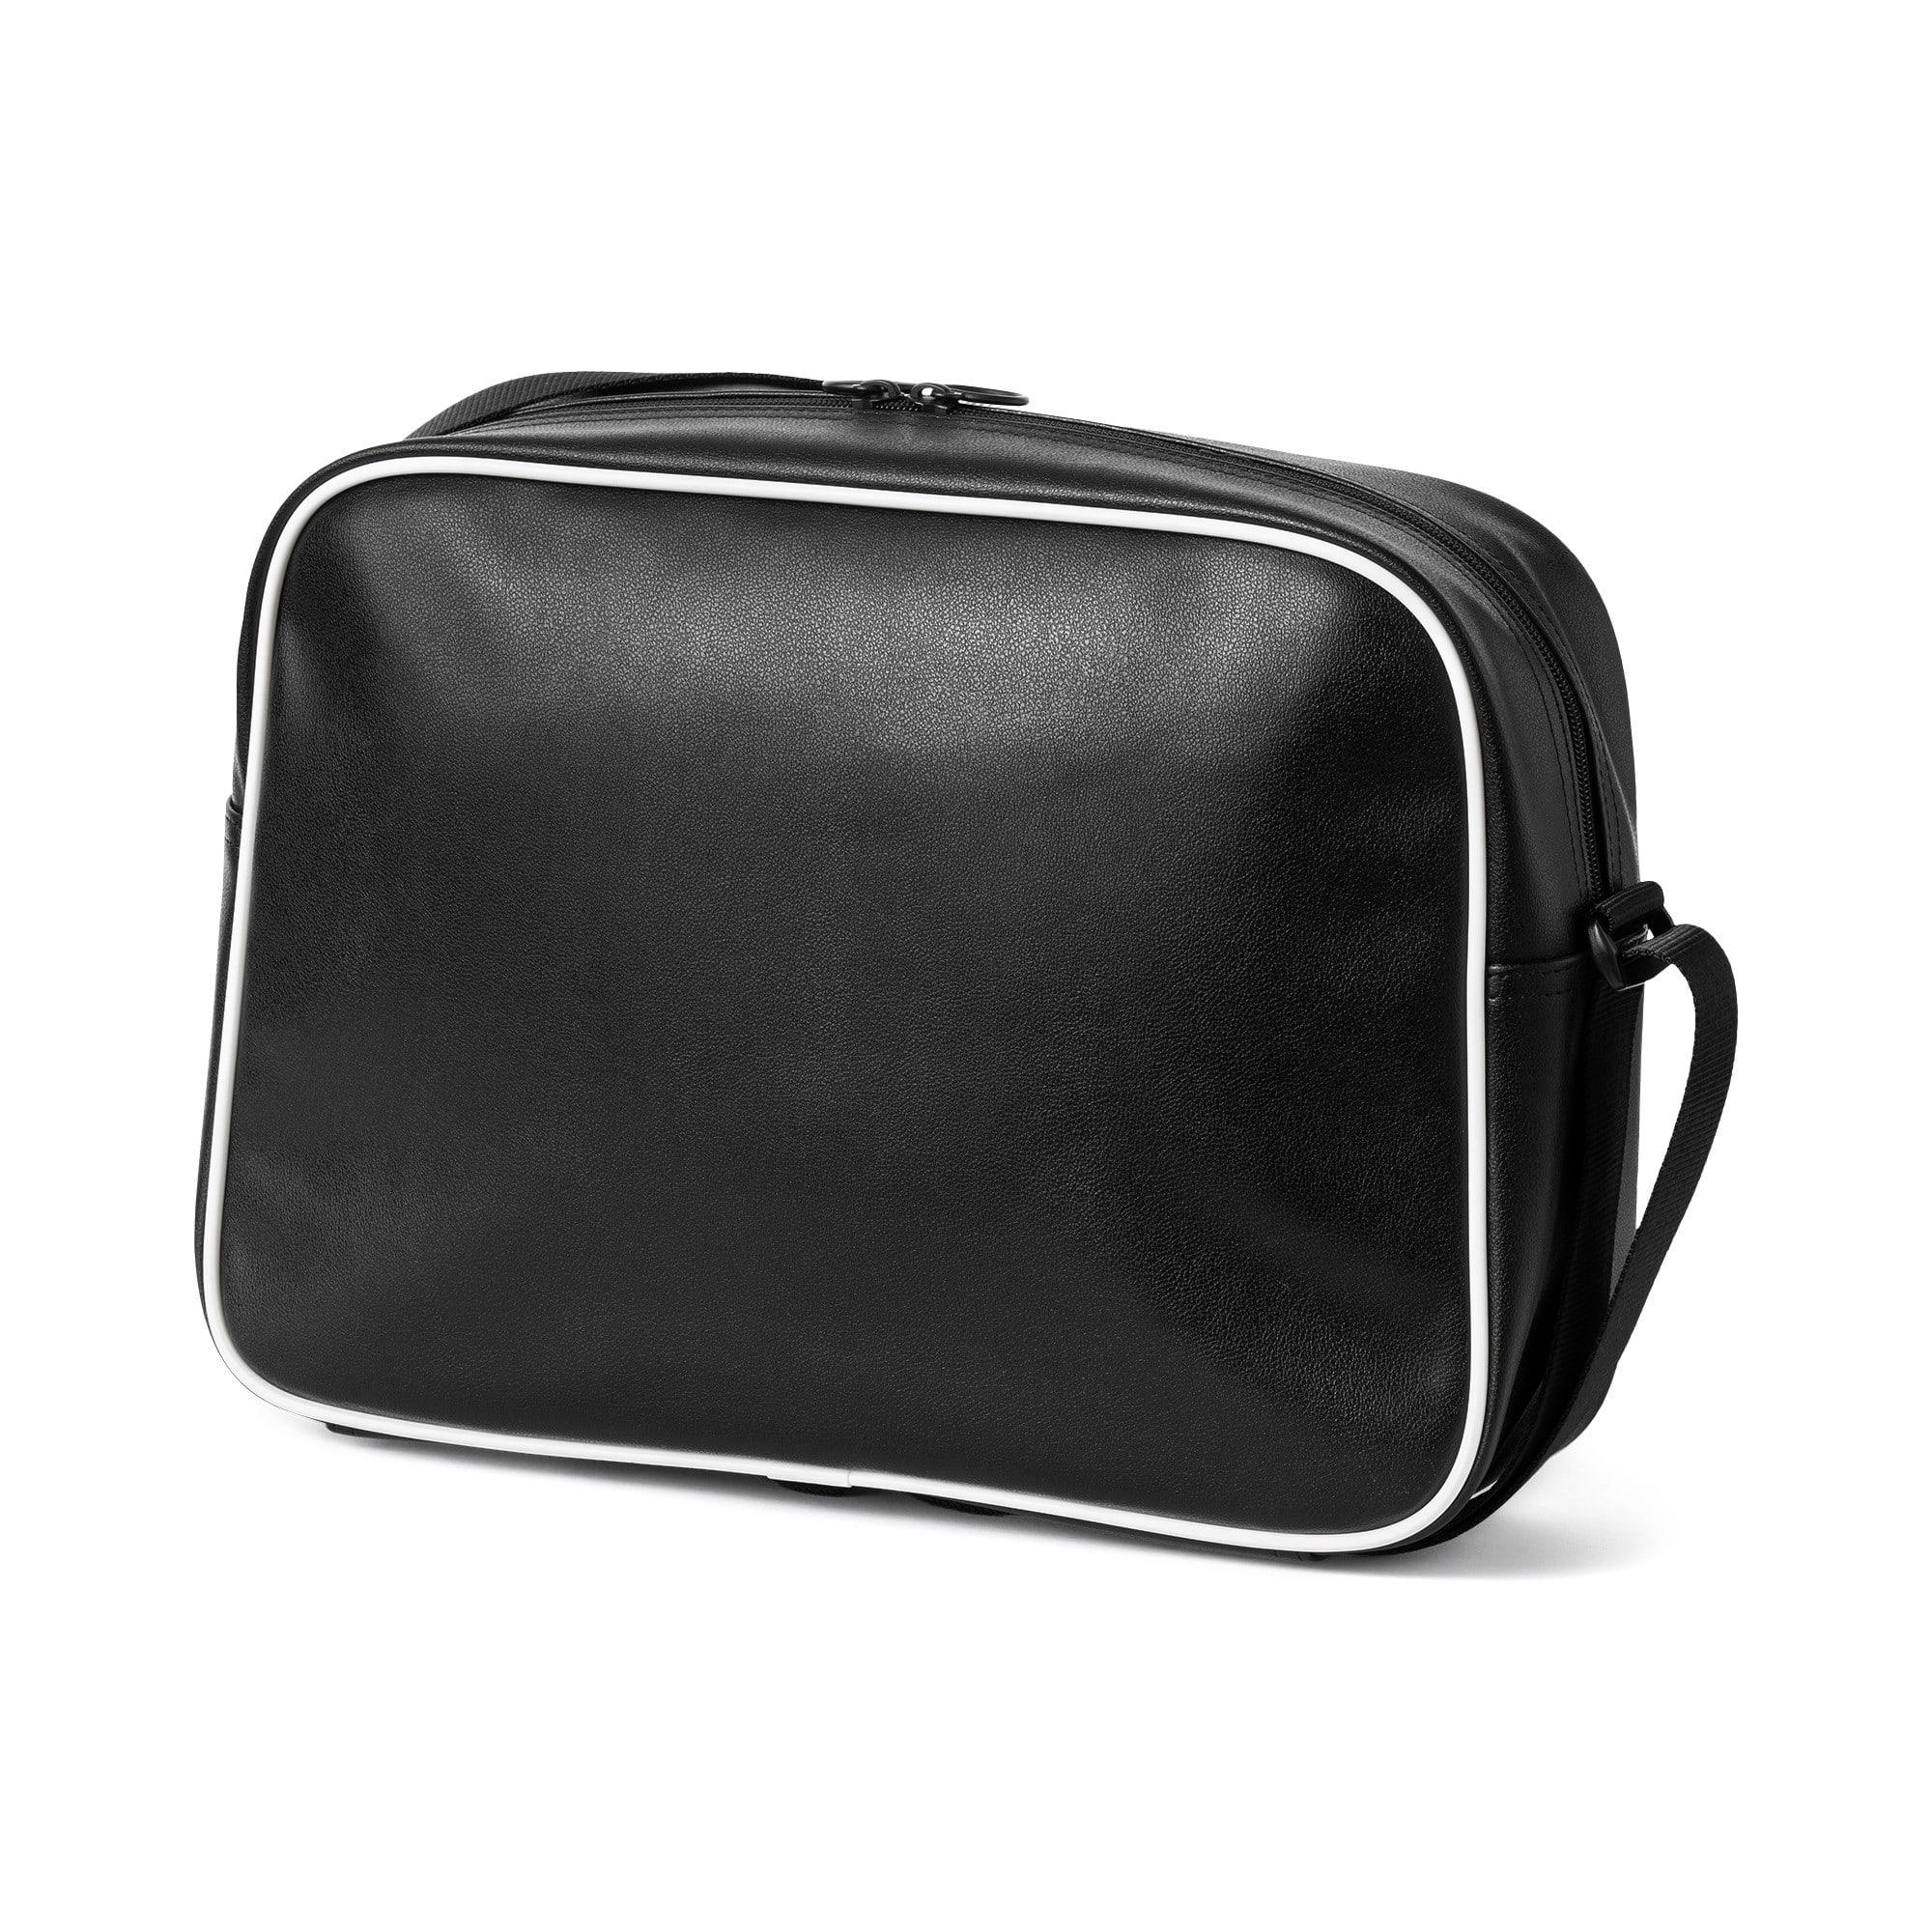 Thumbnail 3 of Campus Reporter Retro Shoulder Bag, Puma Black, medium